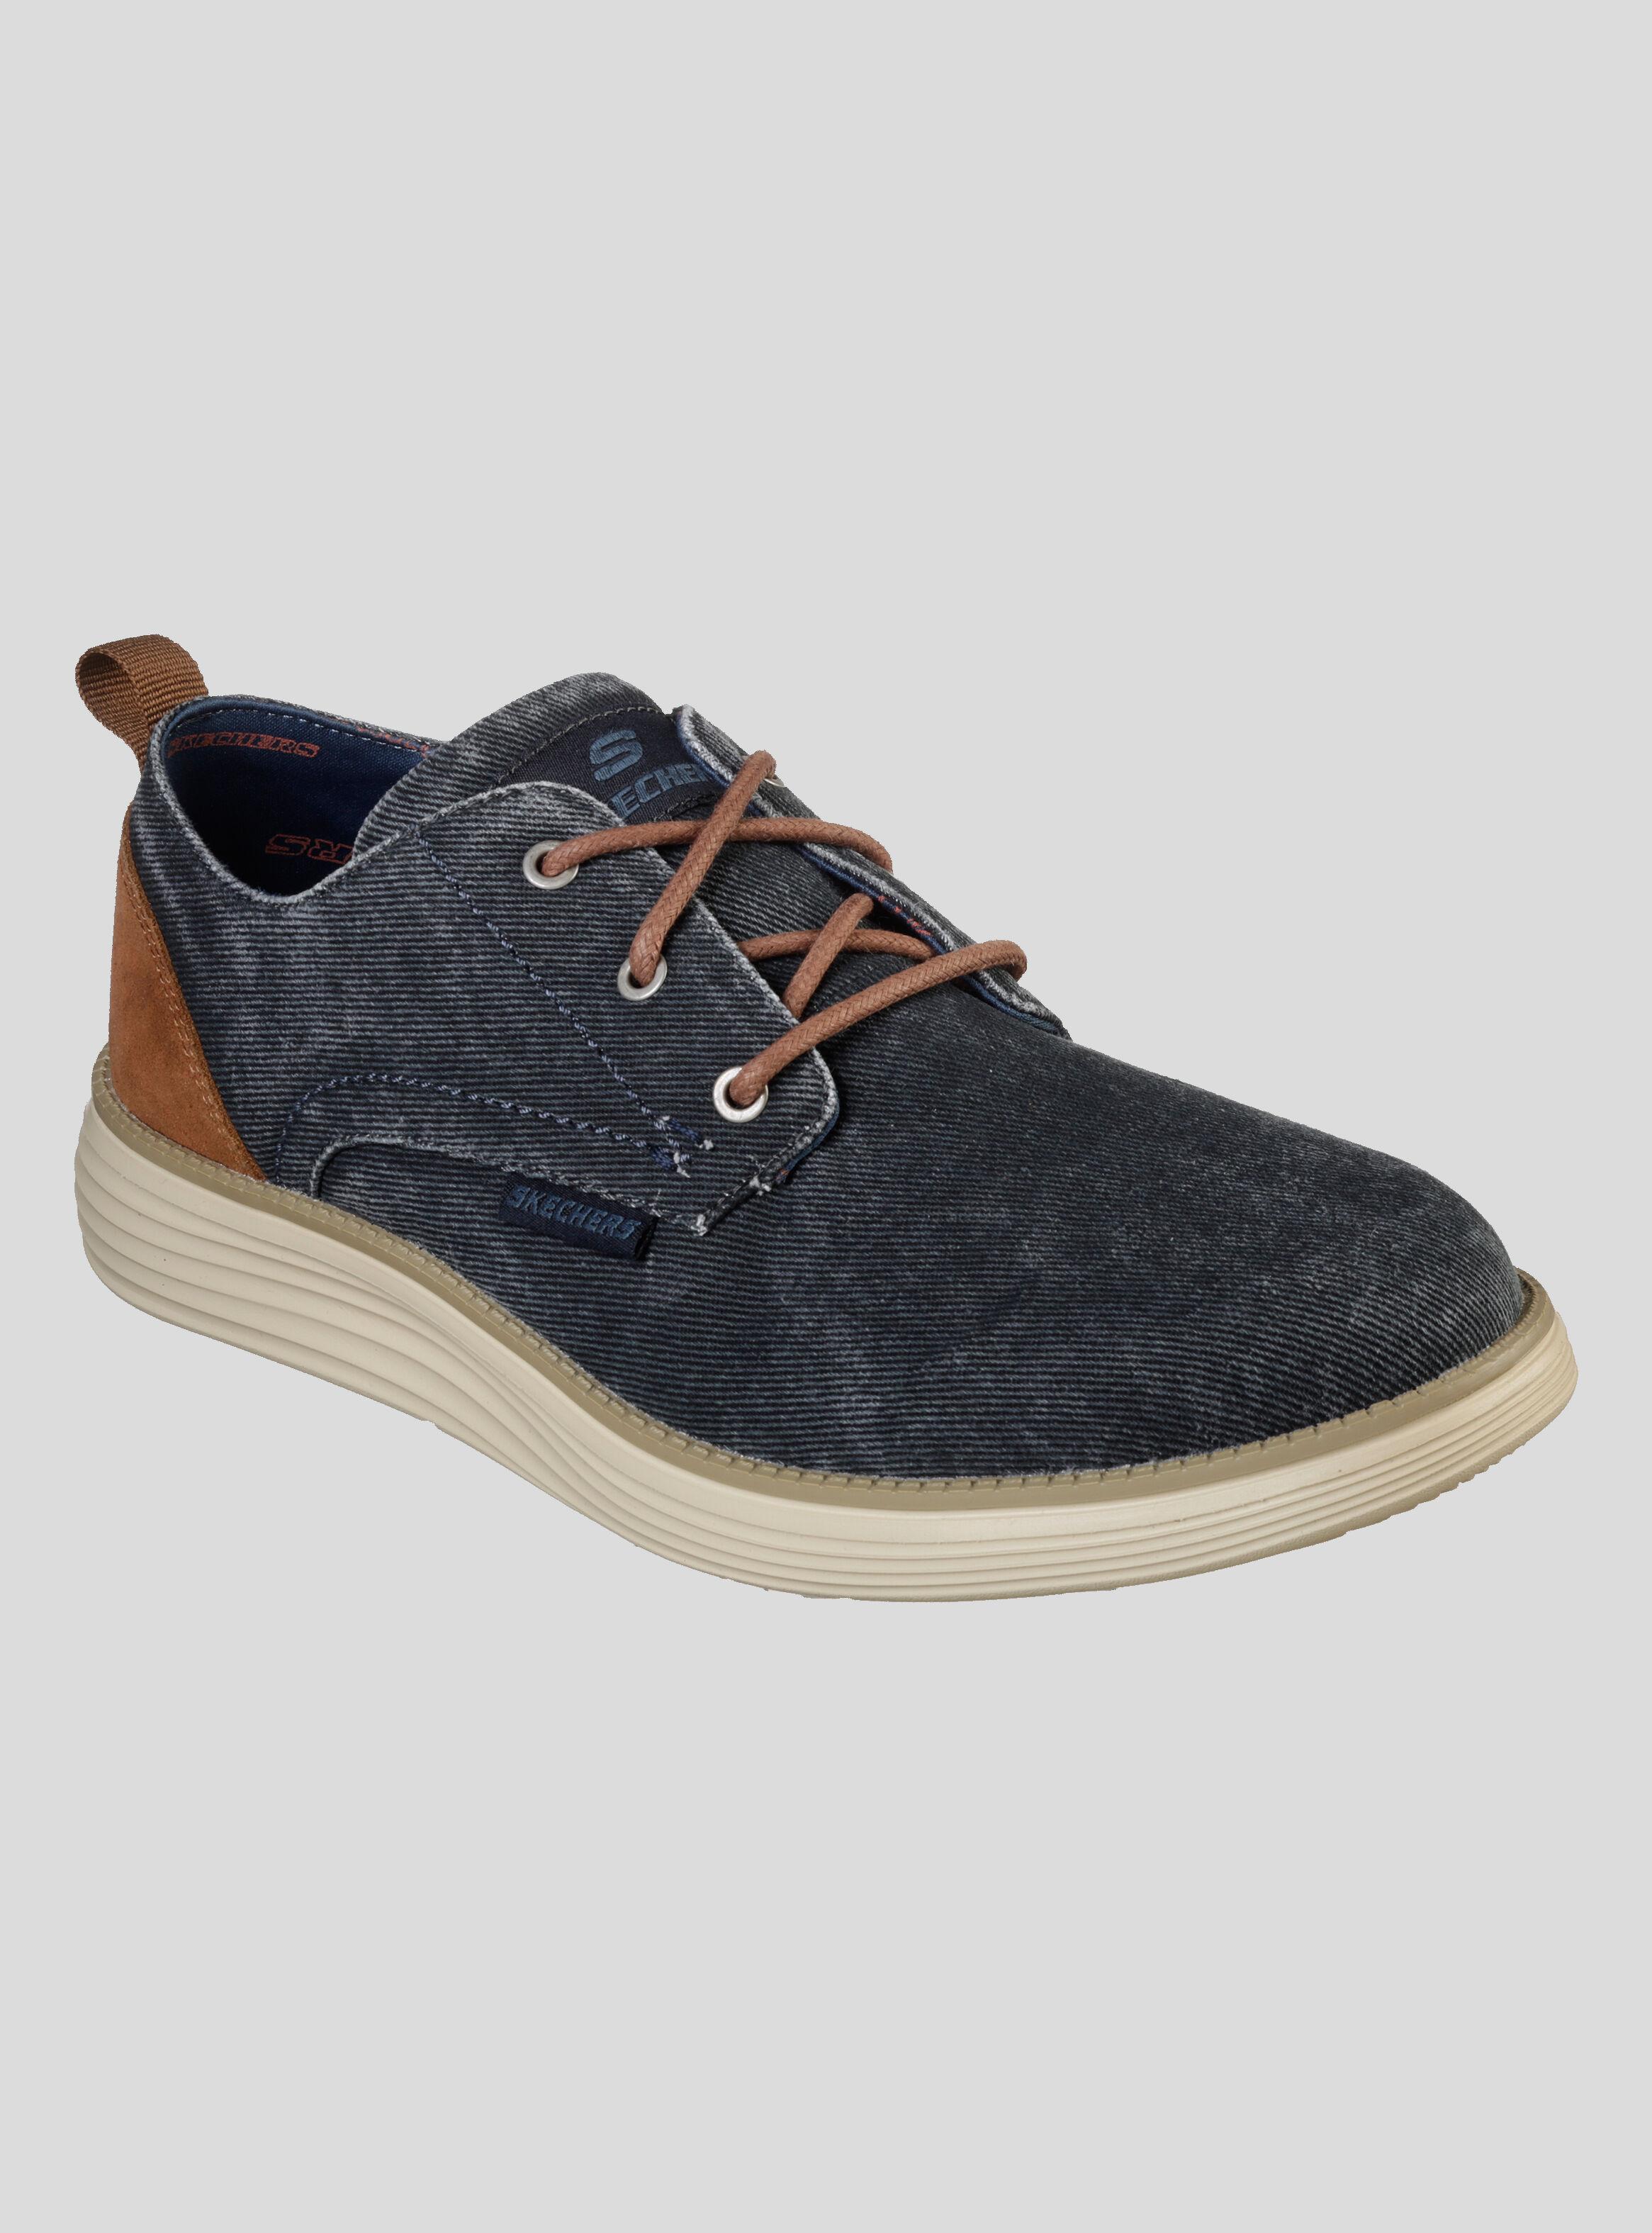 ella es antes de Empuje hacia abajo  buy > zapatos skechers hombre de vestir 50 años, Up to 75% OFF